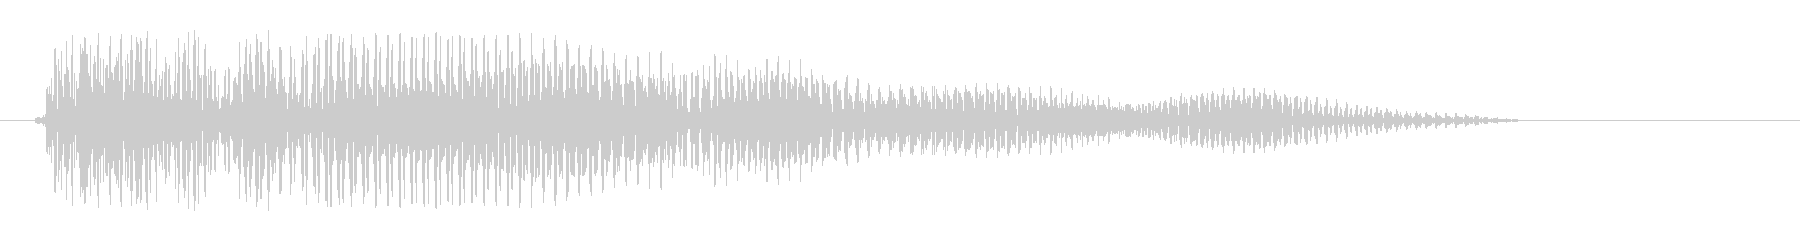 ウミョォーン、というコミカルな音の未再生の波形